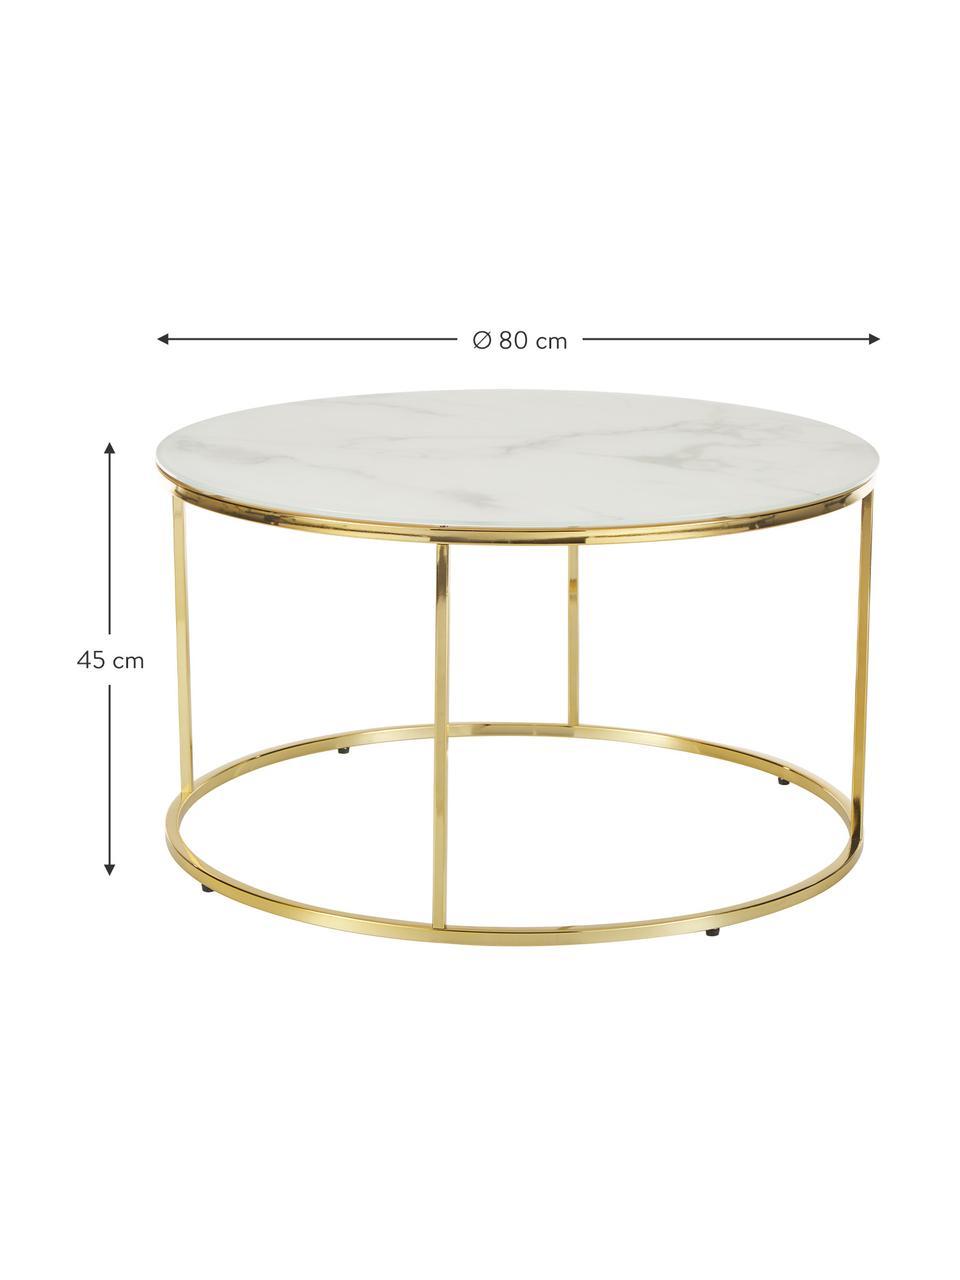 Salontafel Antigua met gemarmerde glazen tafelblad, Tafelblad: glas, mat bedrukt, Frame: vermessingd staal, Wit-grijs gemarmerd, goudkleurig, Ø 80 x H 45 cm